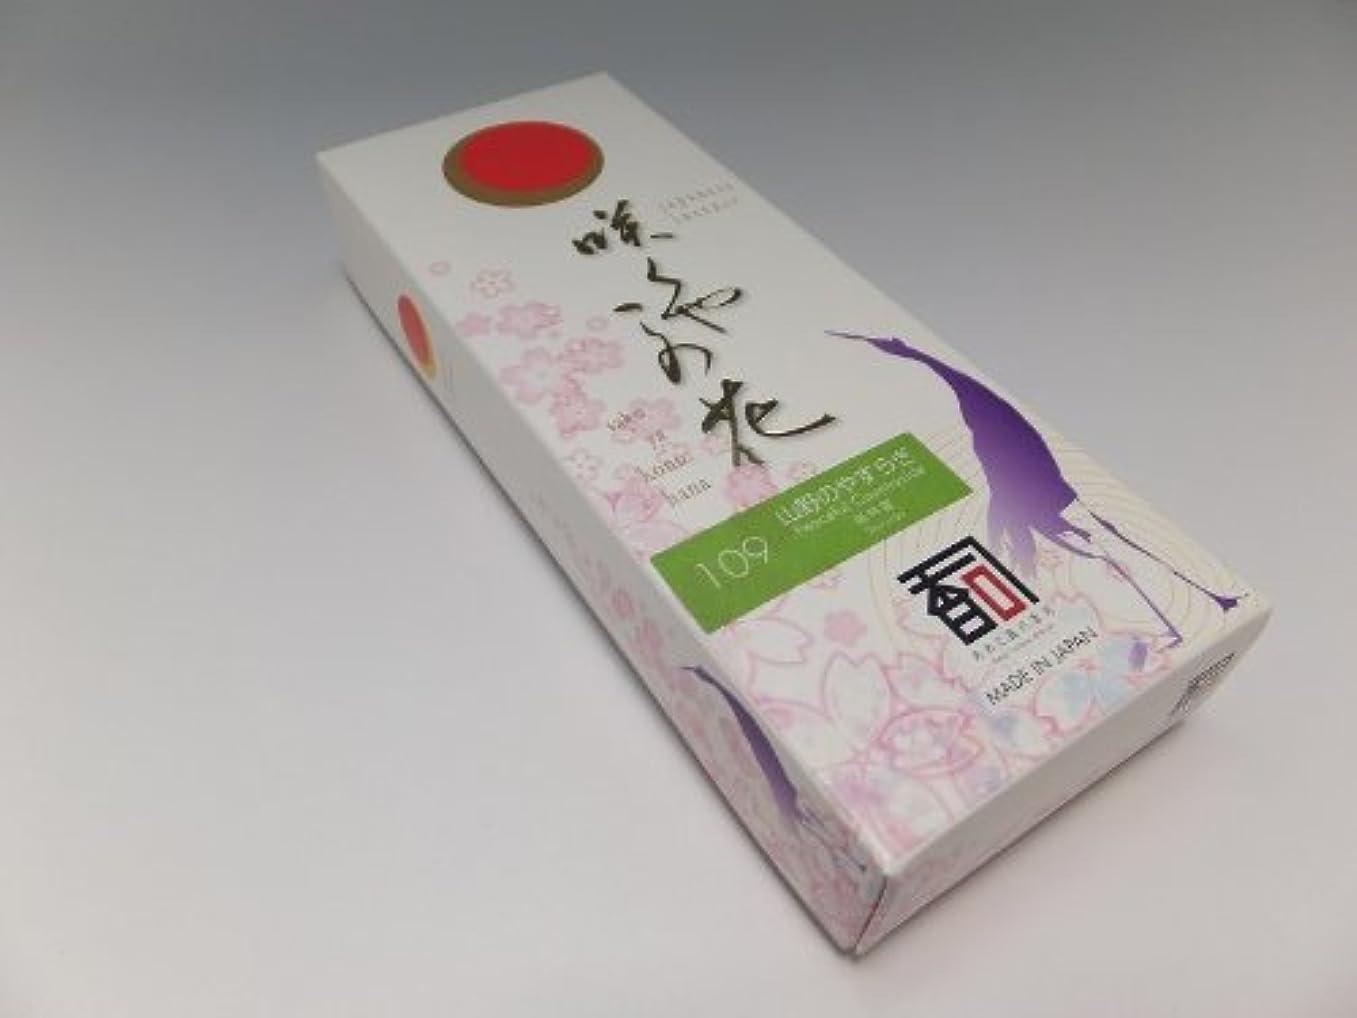 塩ランデブー賞賛する「あわじ島の香司」 日本の香りシリーズ  [咲くや この花] 【109】 山野のやすらぎ (有煙)